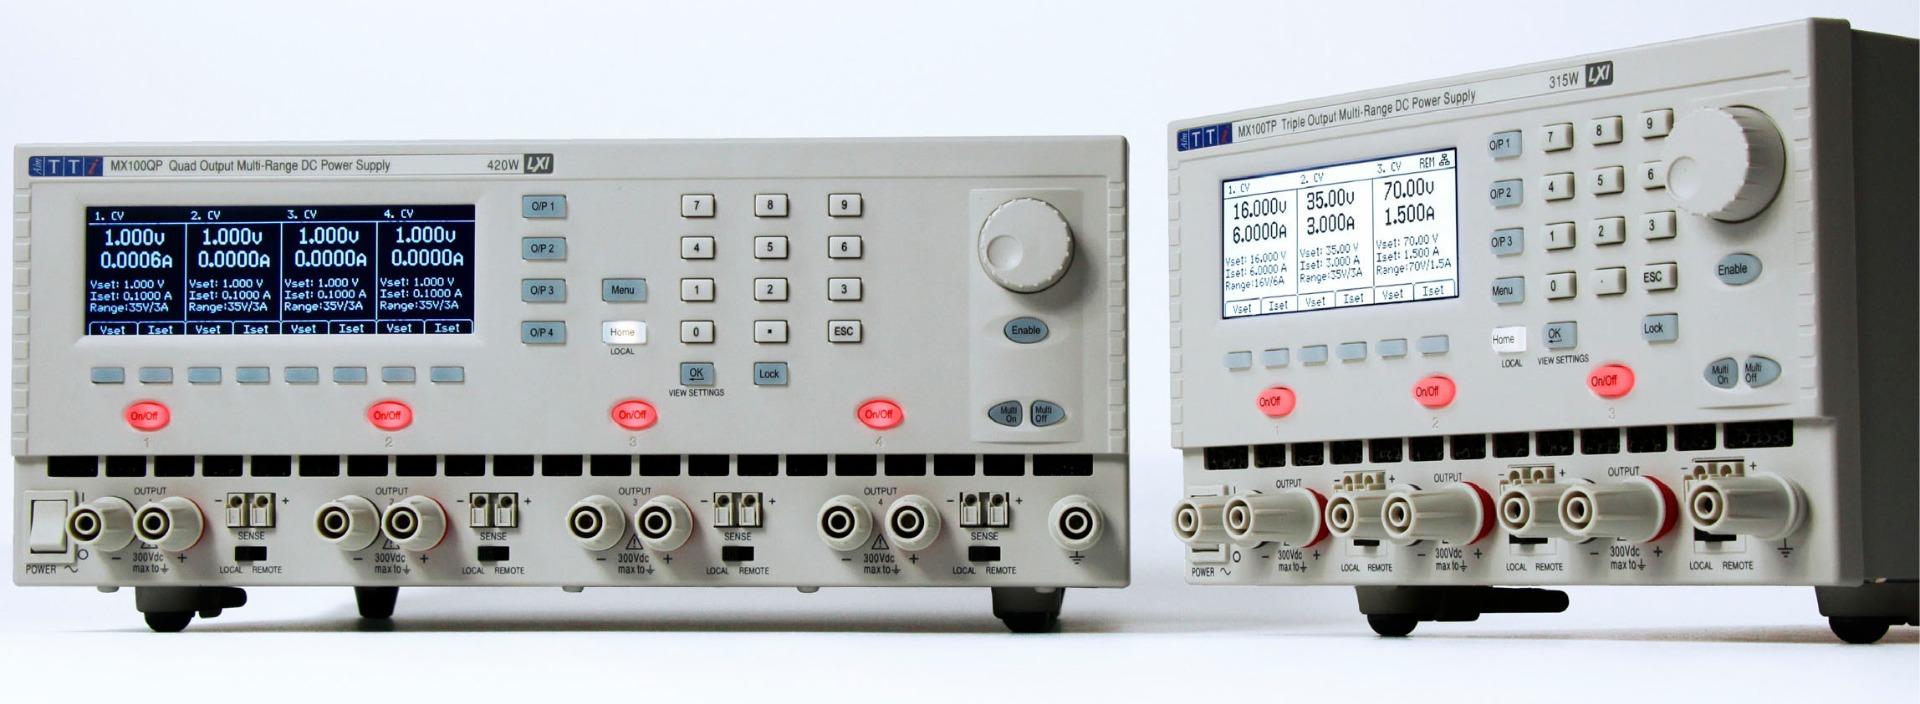 TTI MX100 series CControls